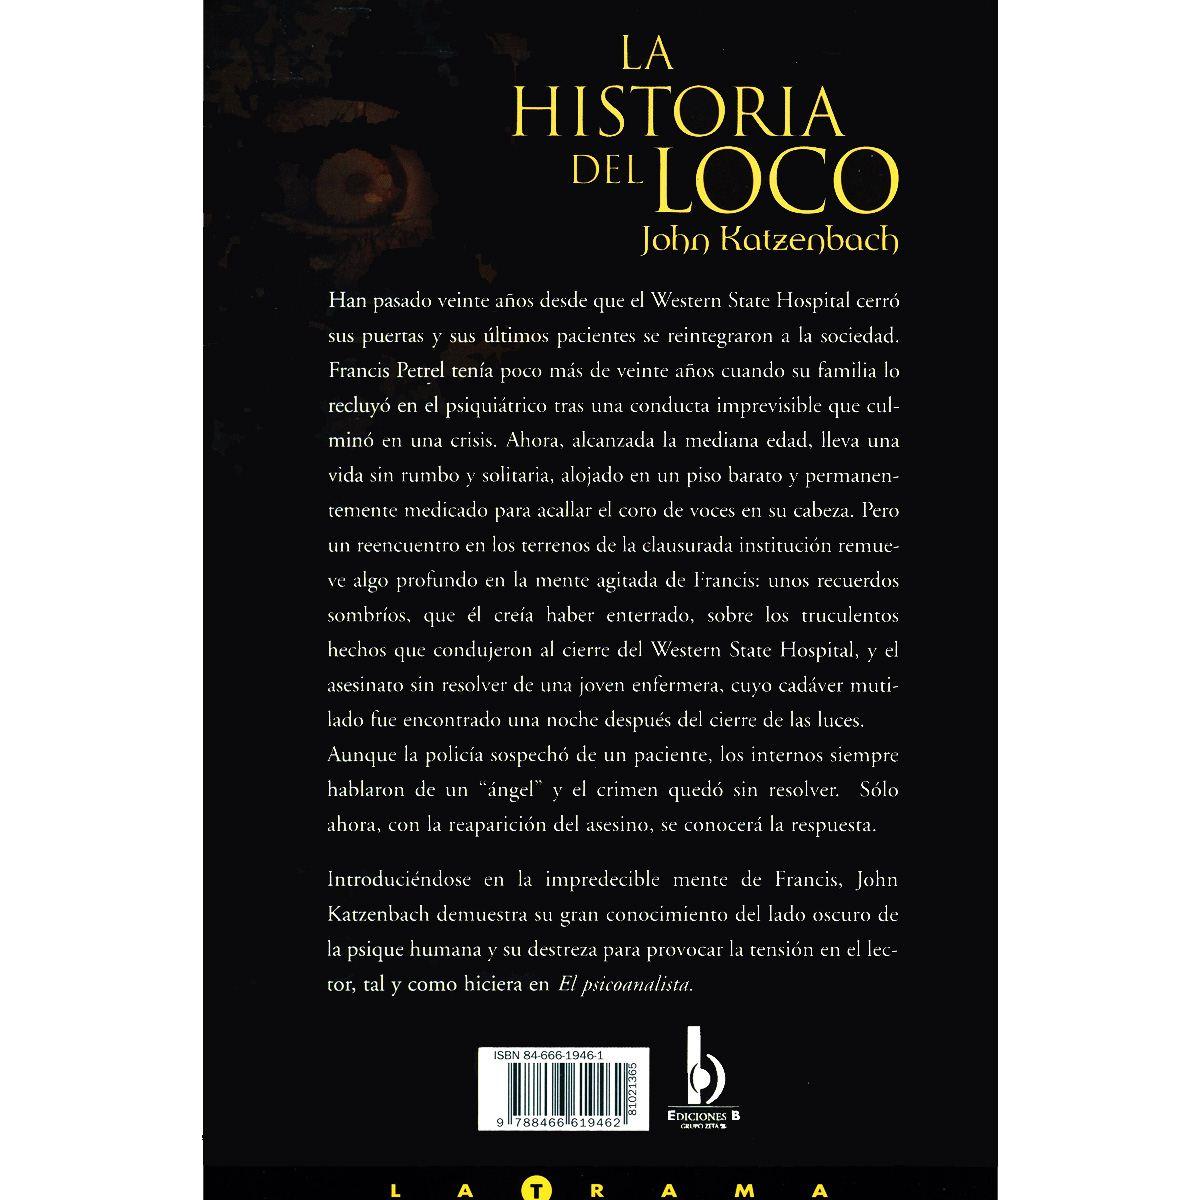 Historia del loco for Sanborns historia